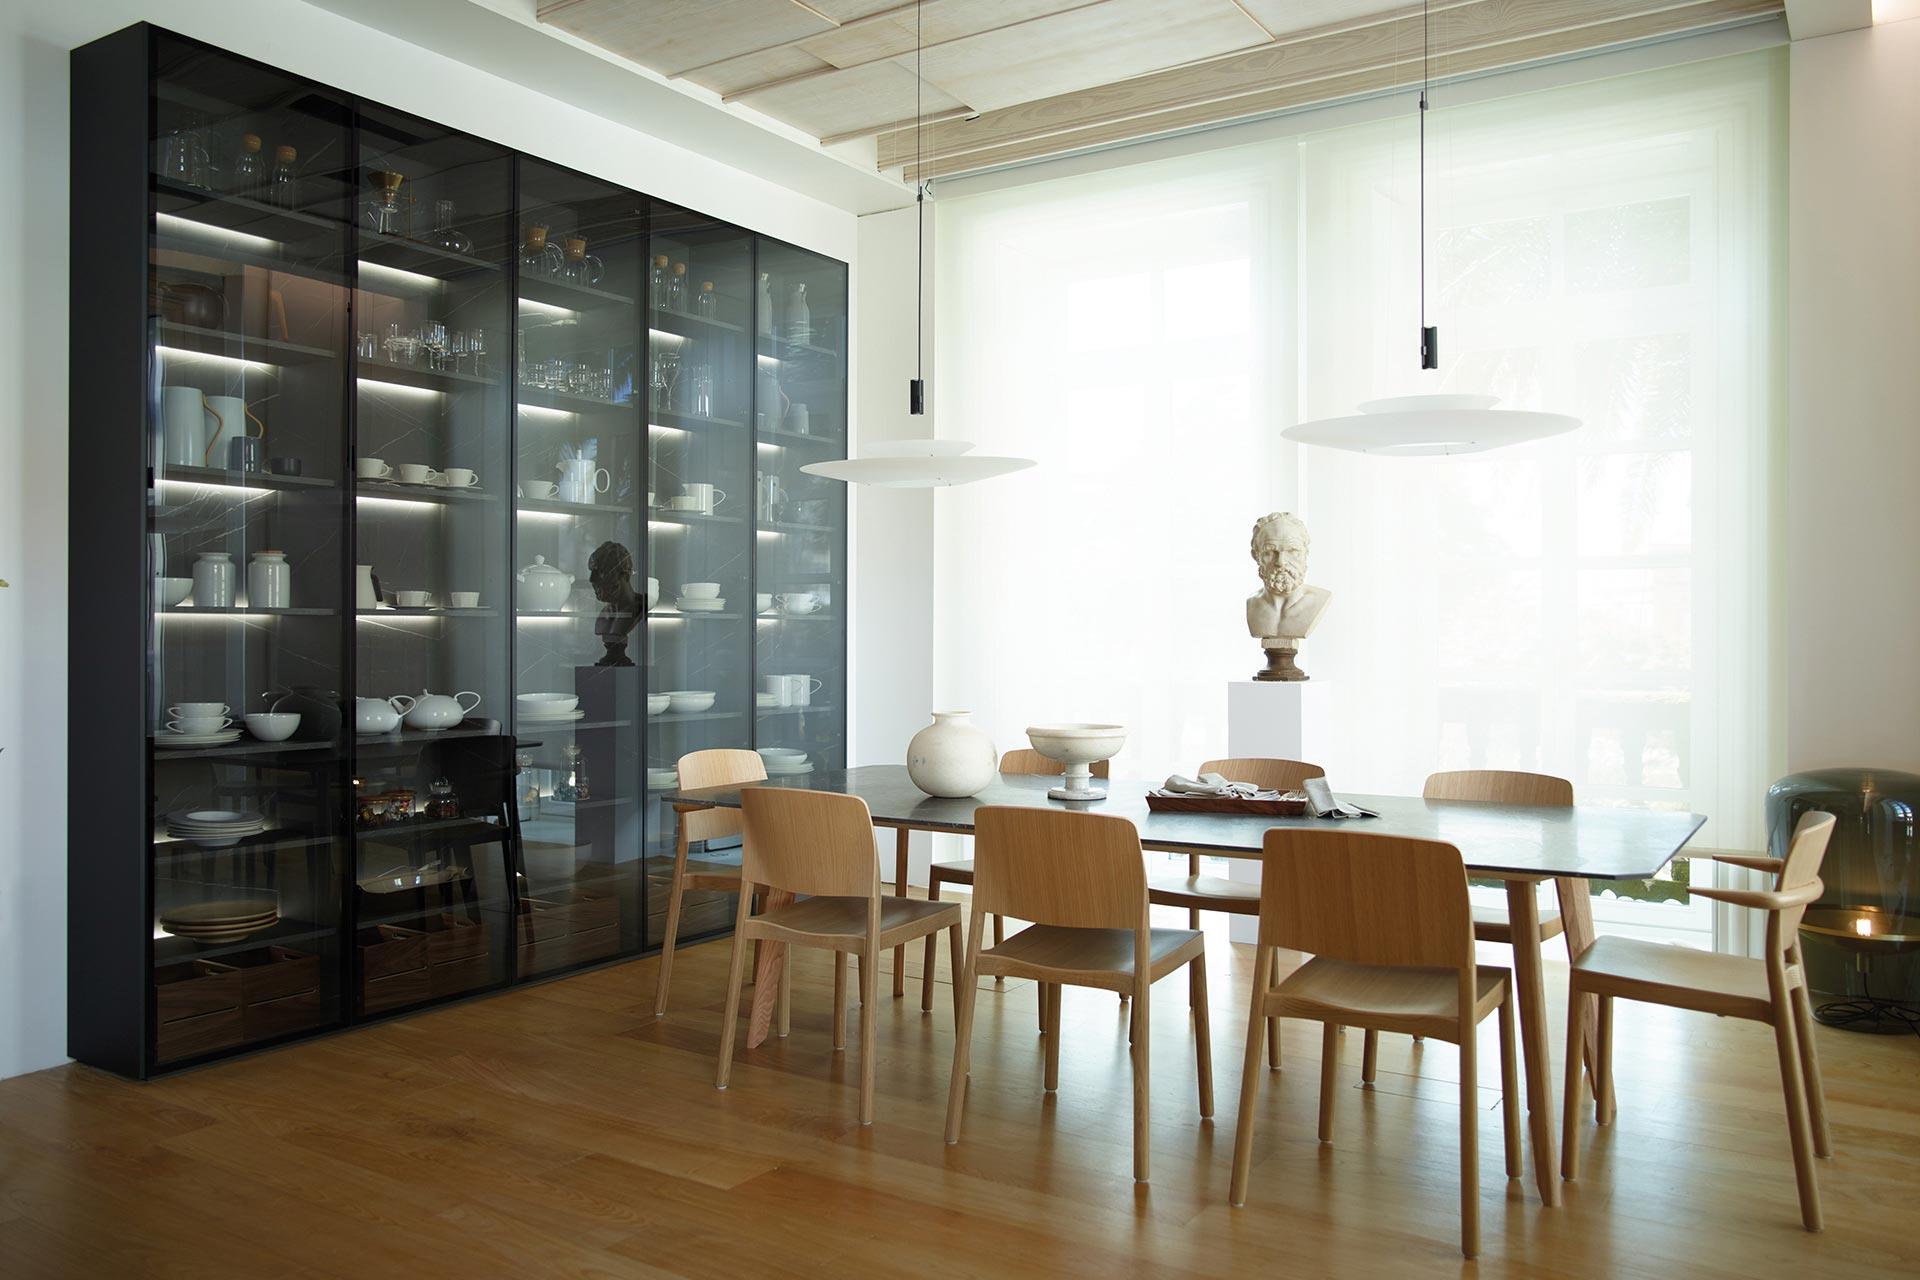 vitrina-negra-cocina-contigua-salon-santos